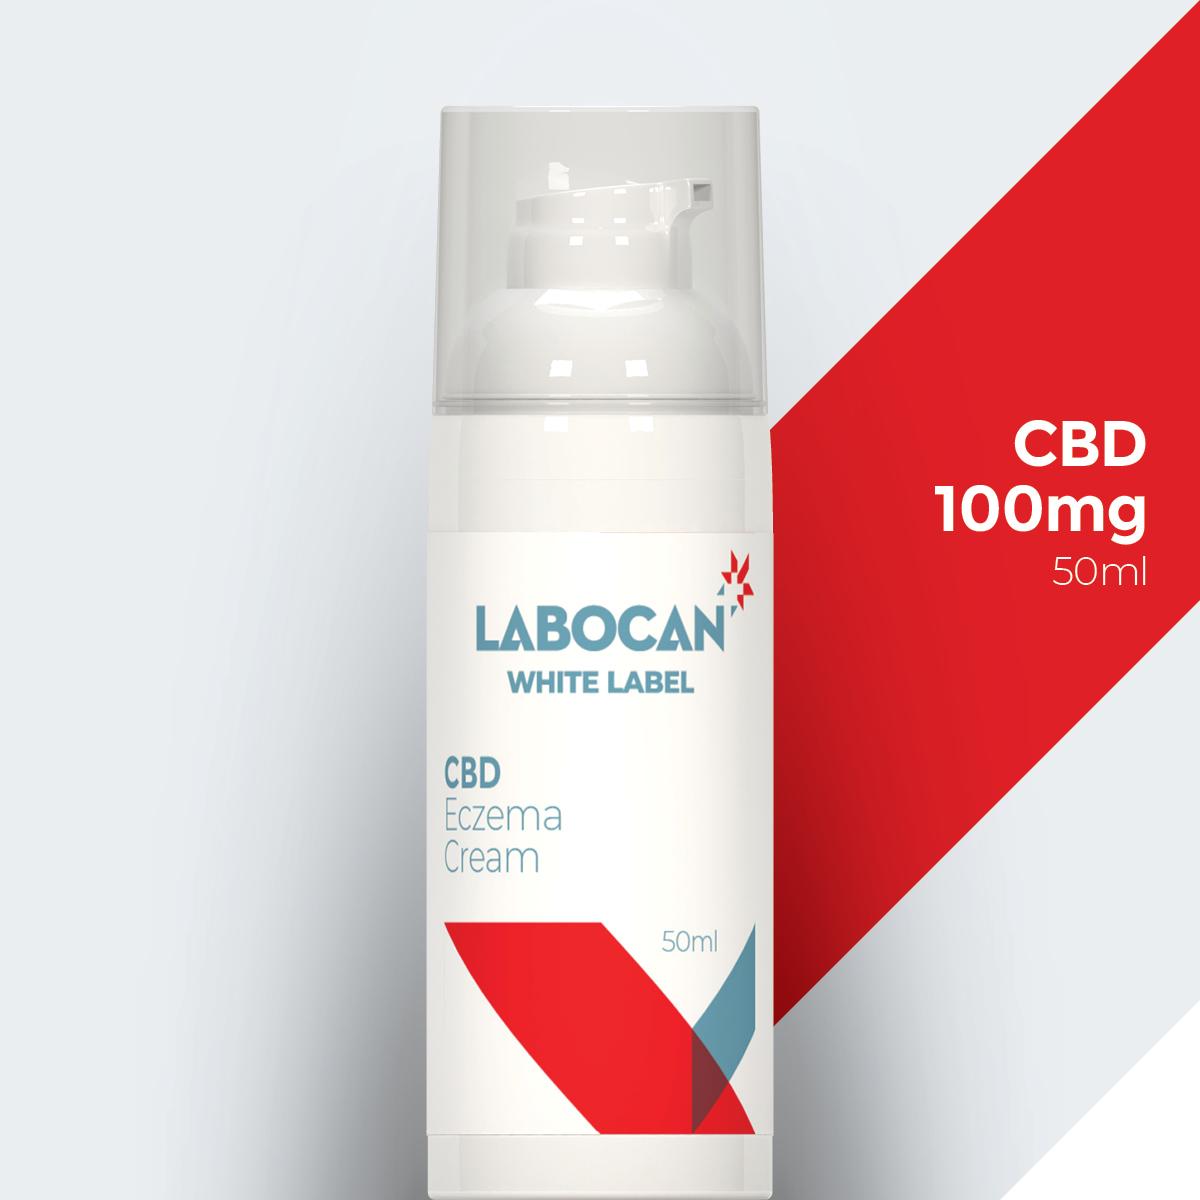 Labocan White label CBD Eczema Cream